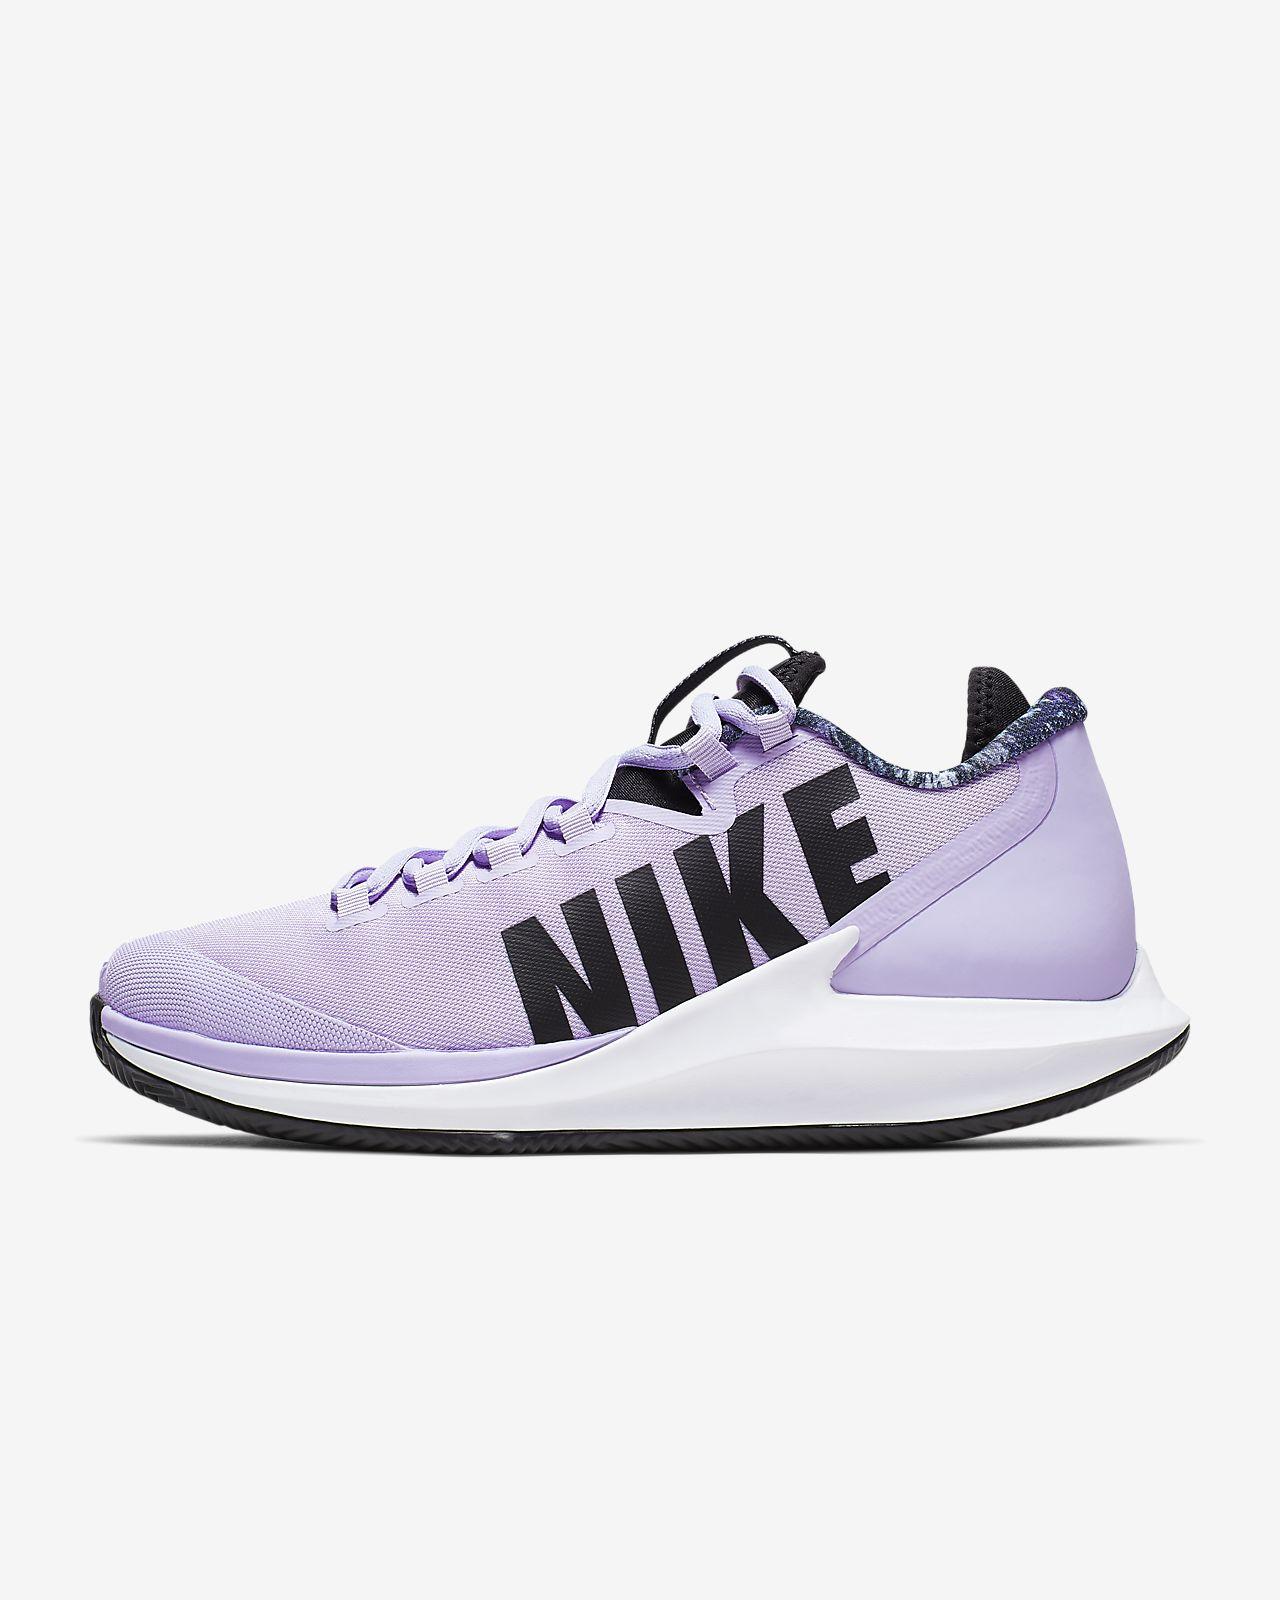 Calzado de tenis para superficies de arcilla para mujer NikeCourt Air Zoom Zero